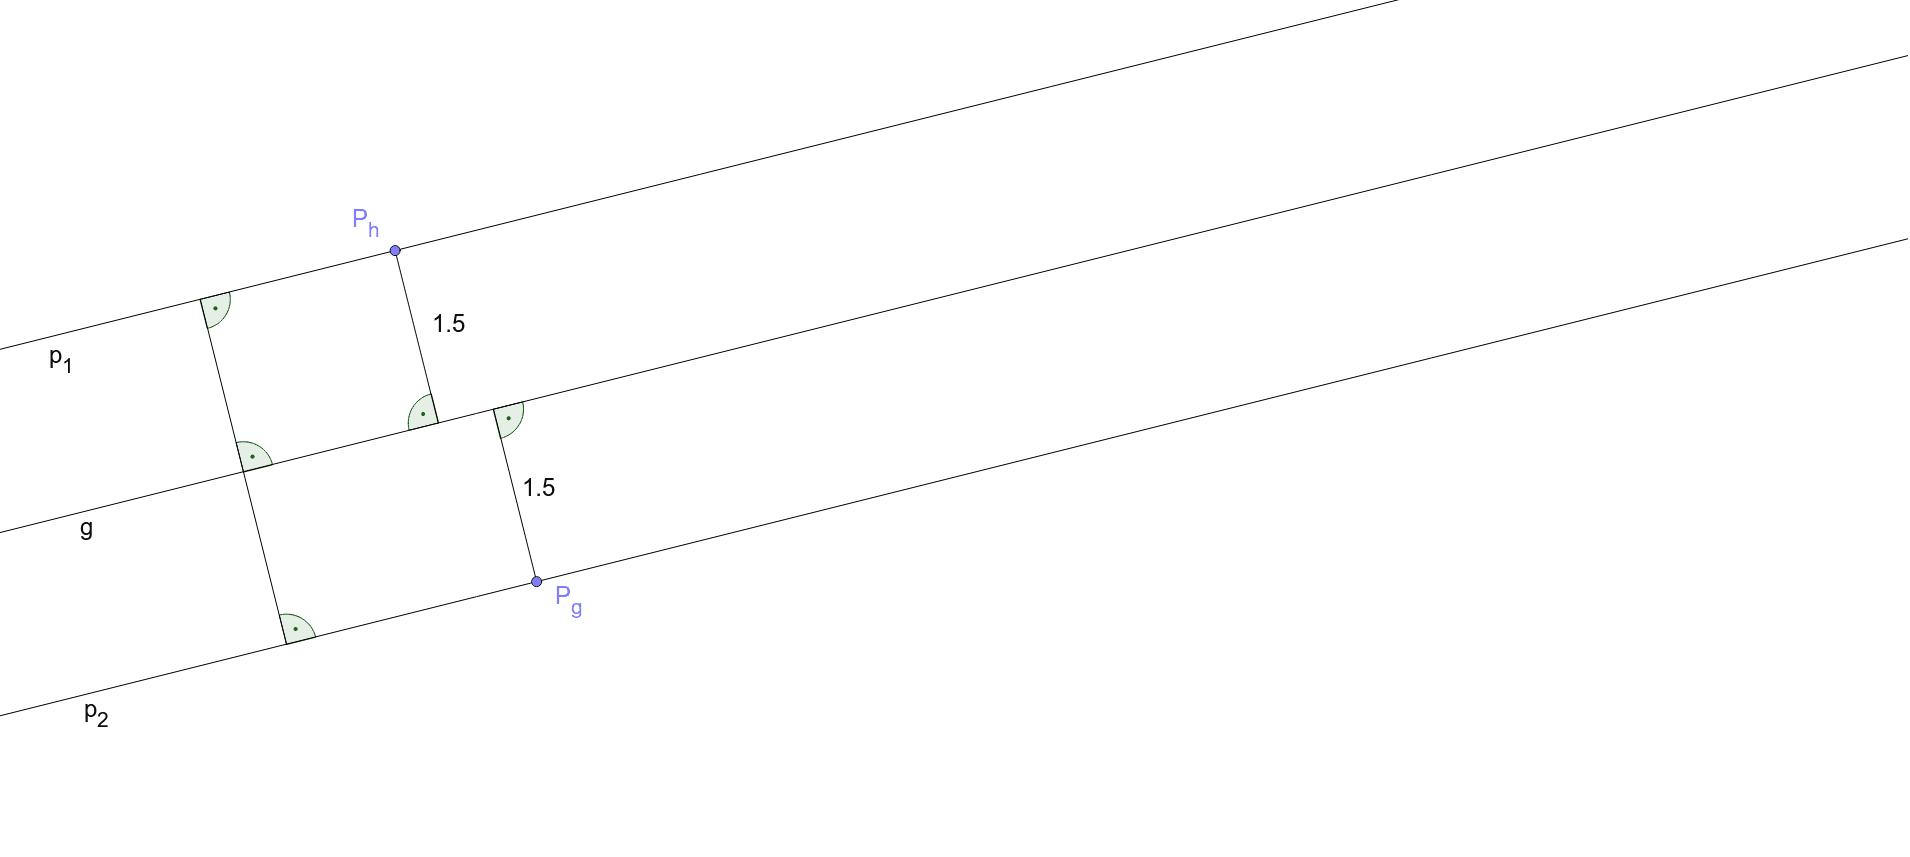 Die Punkte P kann man bewegen. Drücke die Eingabetaste um die Aktivität zu starten